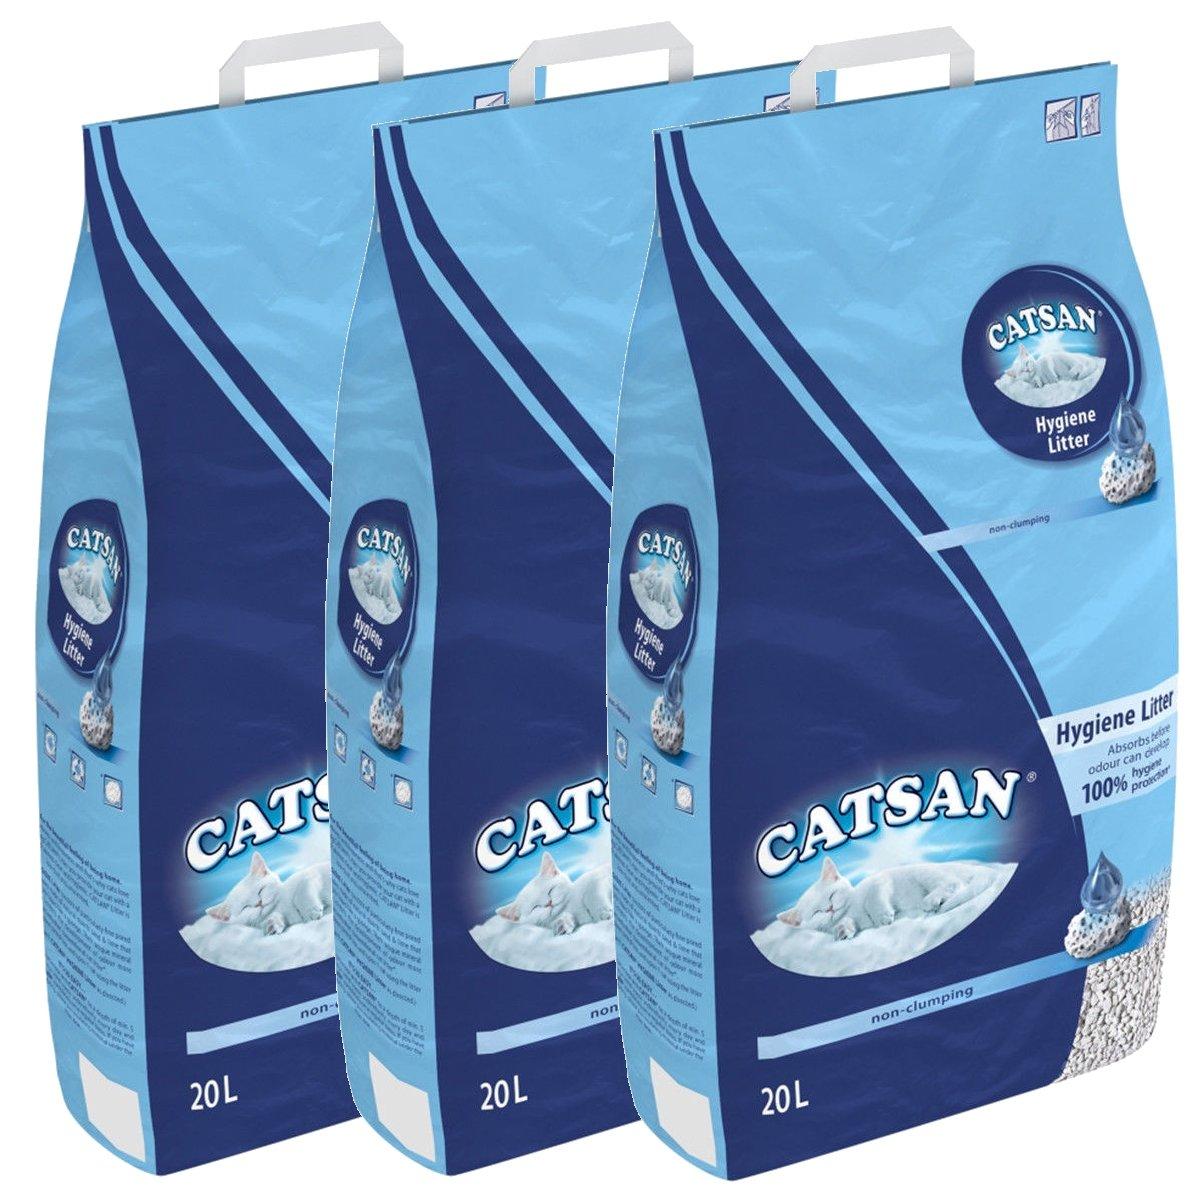 Catsan Litière pour chat 60 litres (3 x 20 litres) mars